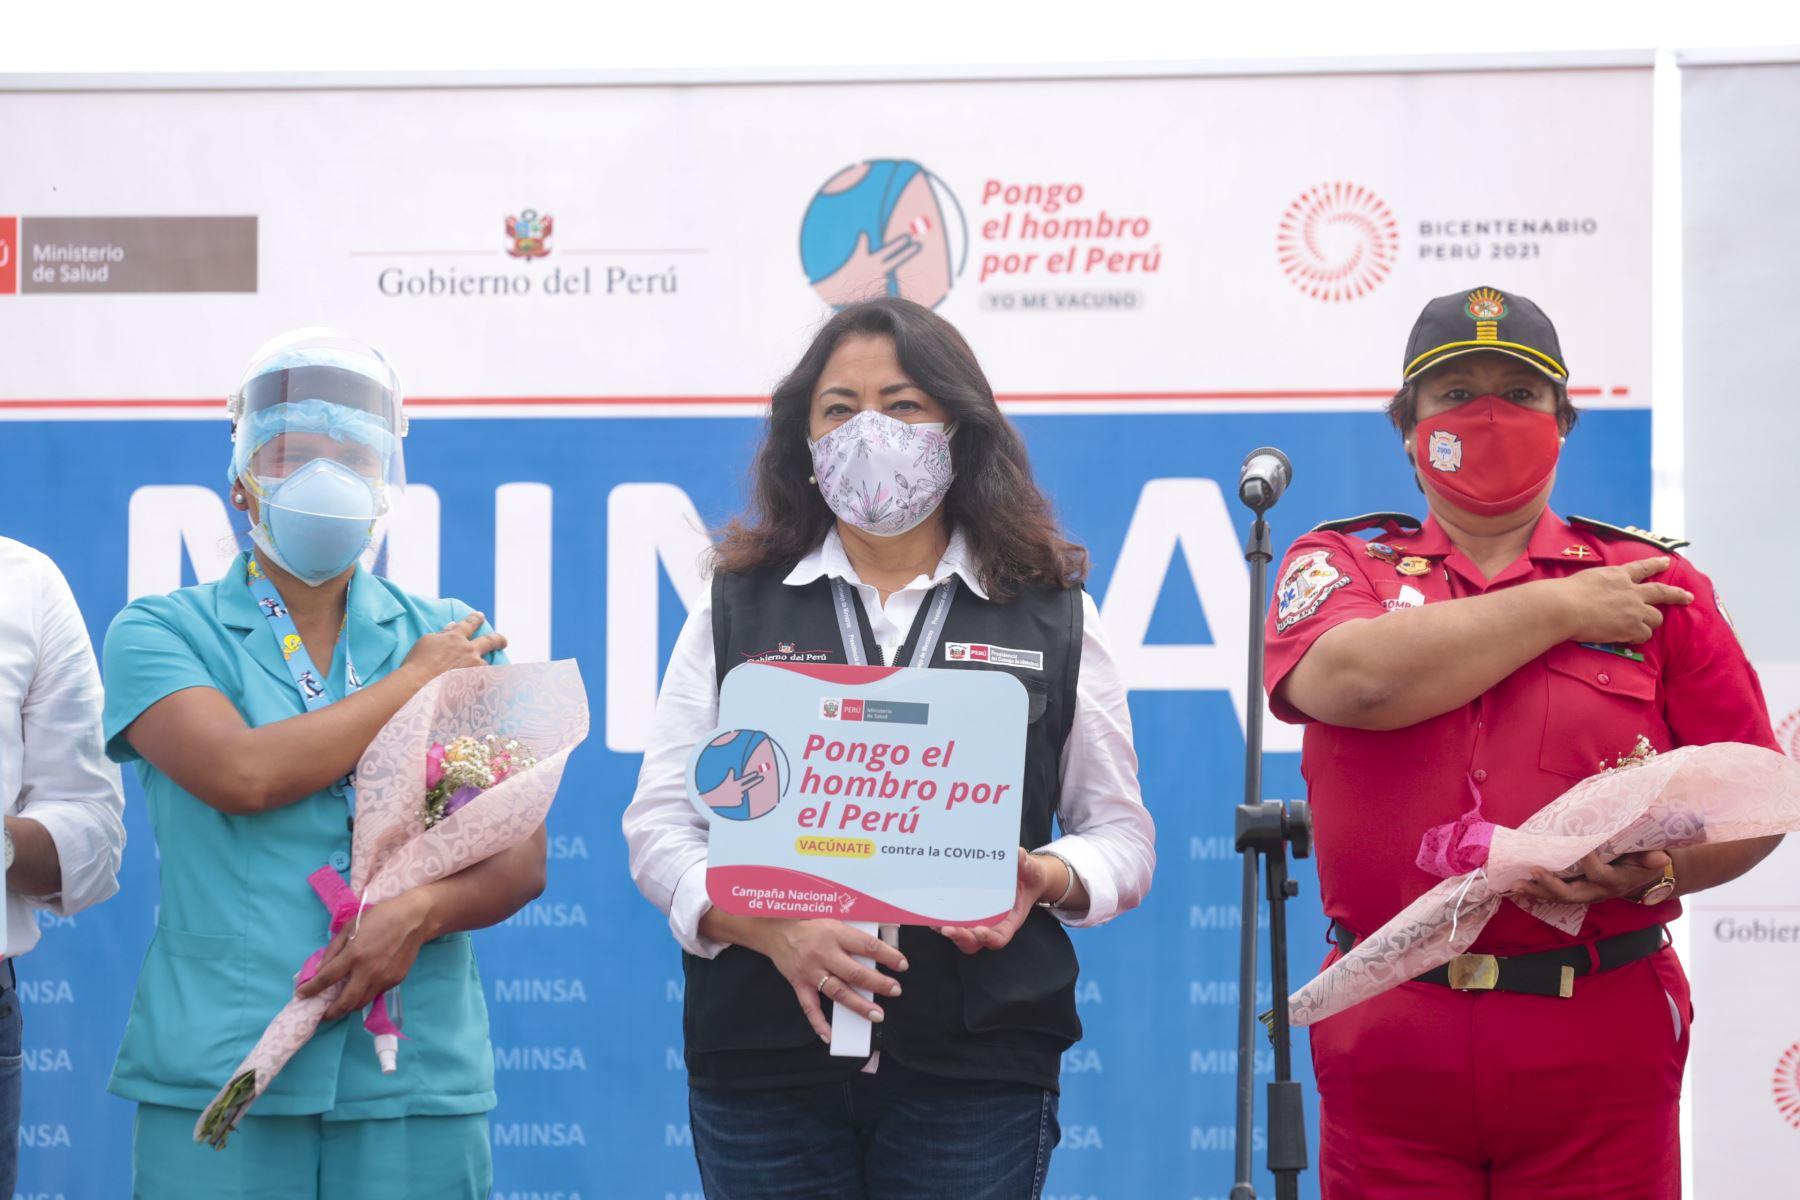 """La presidenta del Consejo de Ministros, Violeta Bermúdez, y el ministro de Salud, Oscar Ugarte, presentan la campaña """"Pongo el Hombro"""" orientada a generar confianza en el proceso de vacunación contra la covid-19 que se realiza en el país. Foto: PCM"""